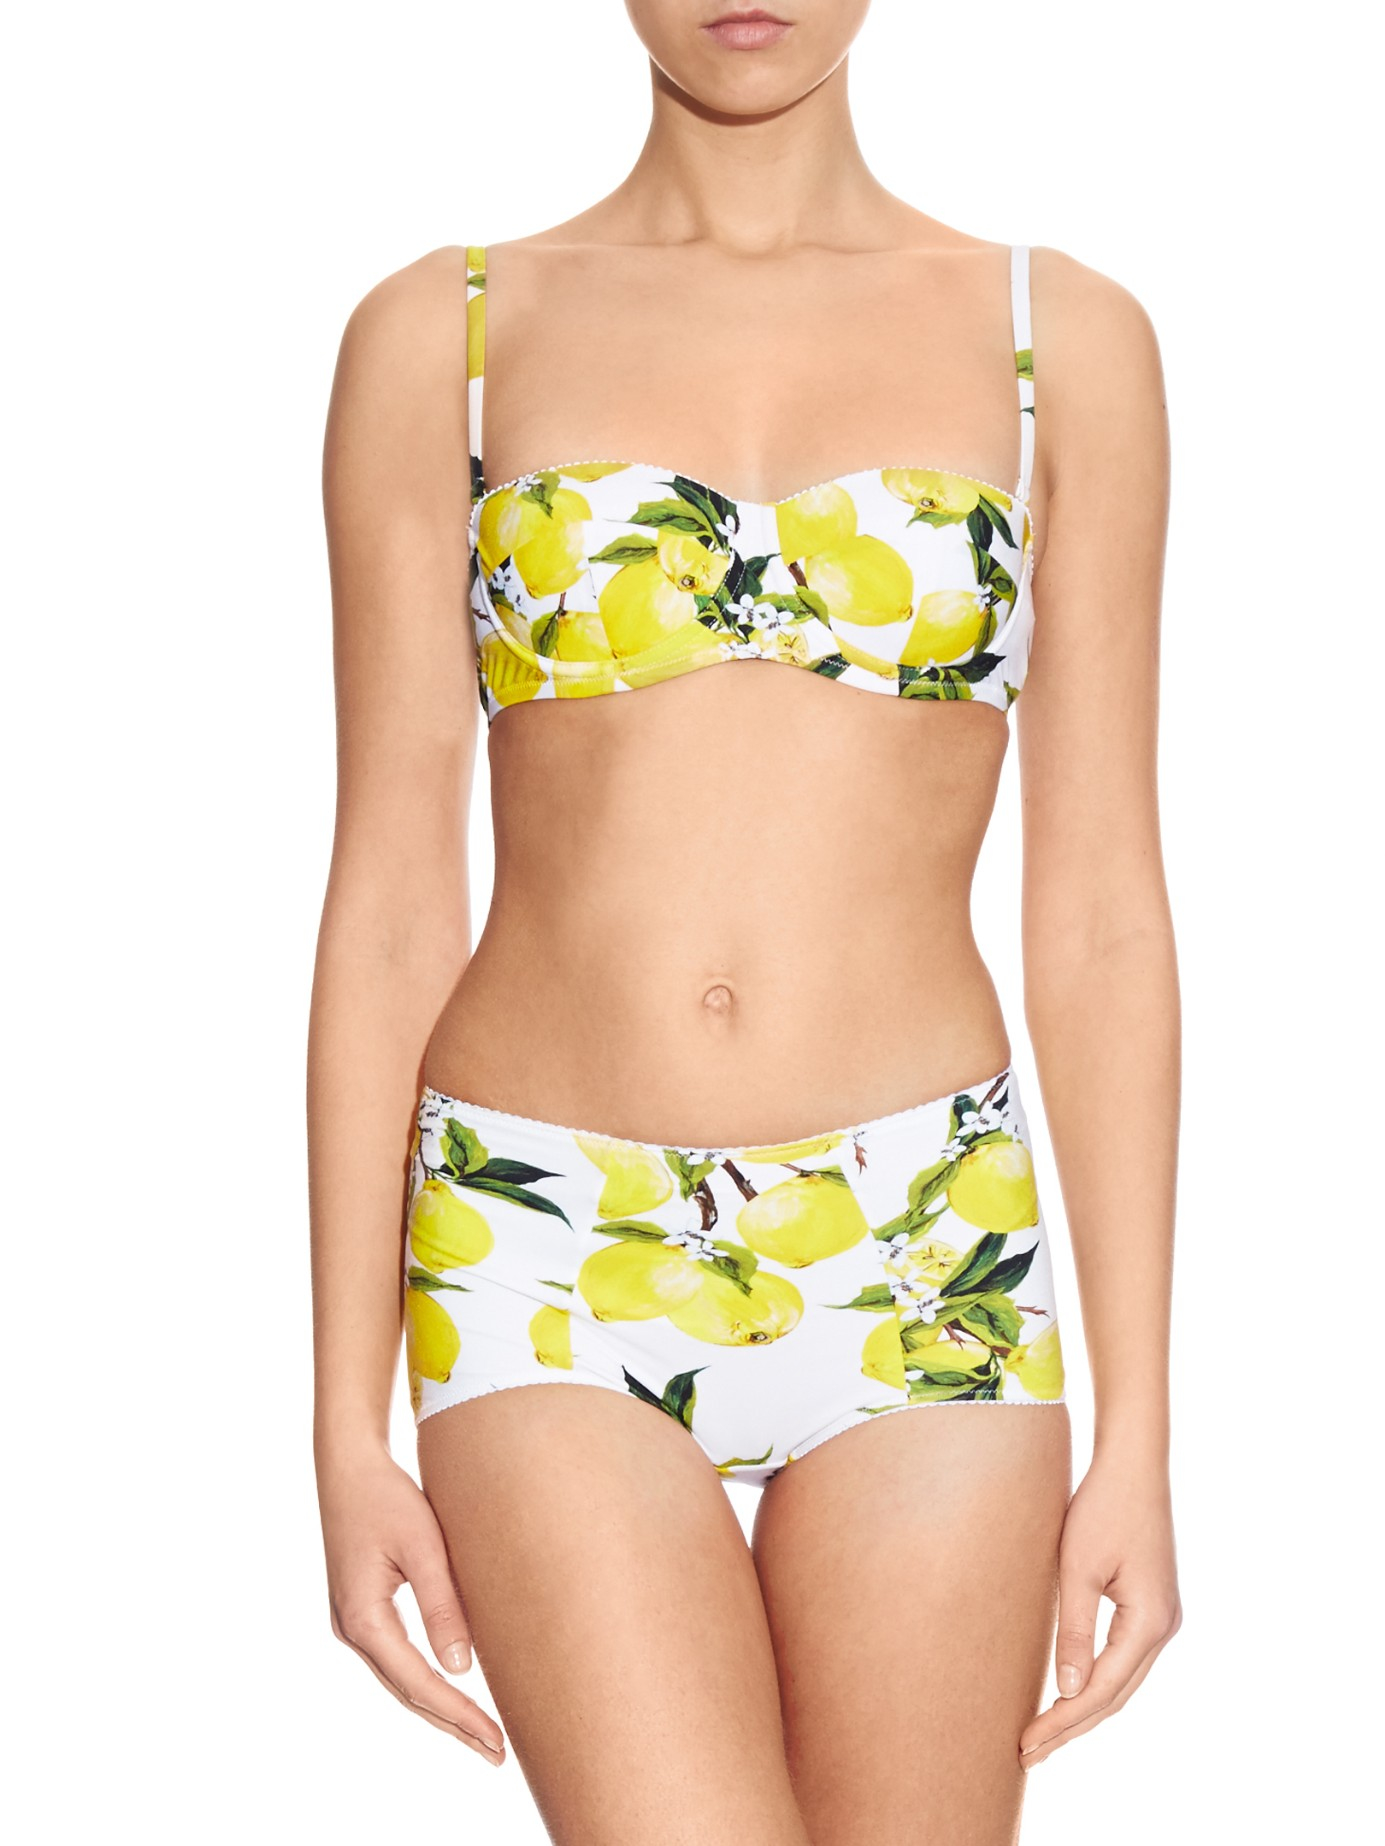 Dolce and gabbana bikini